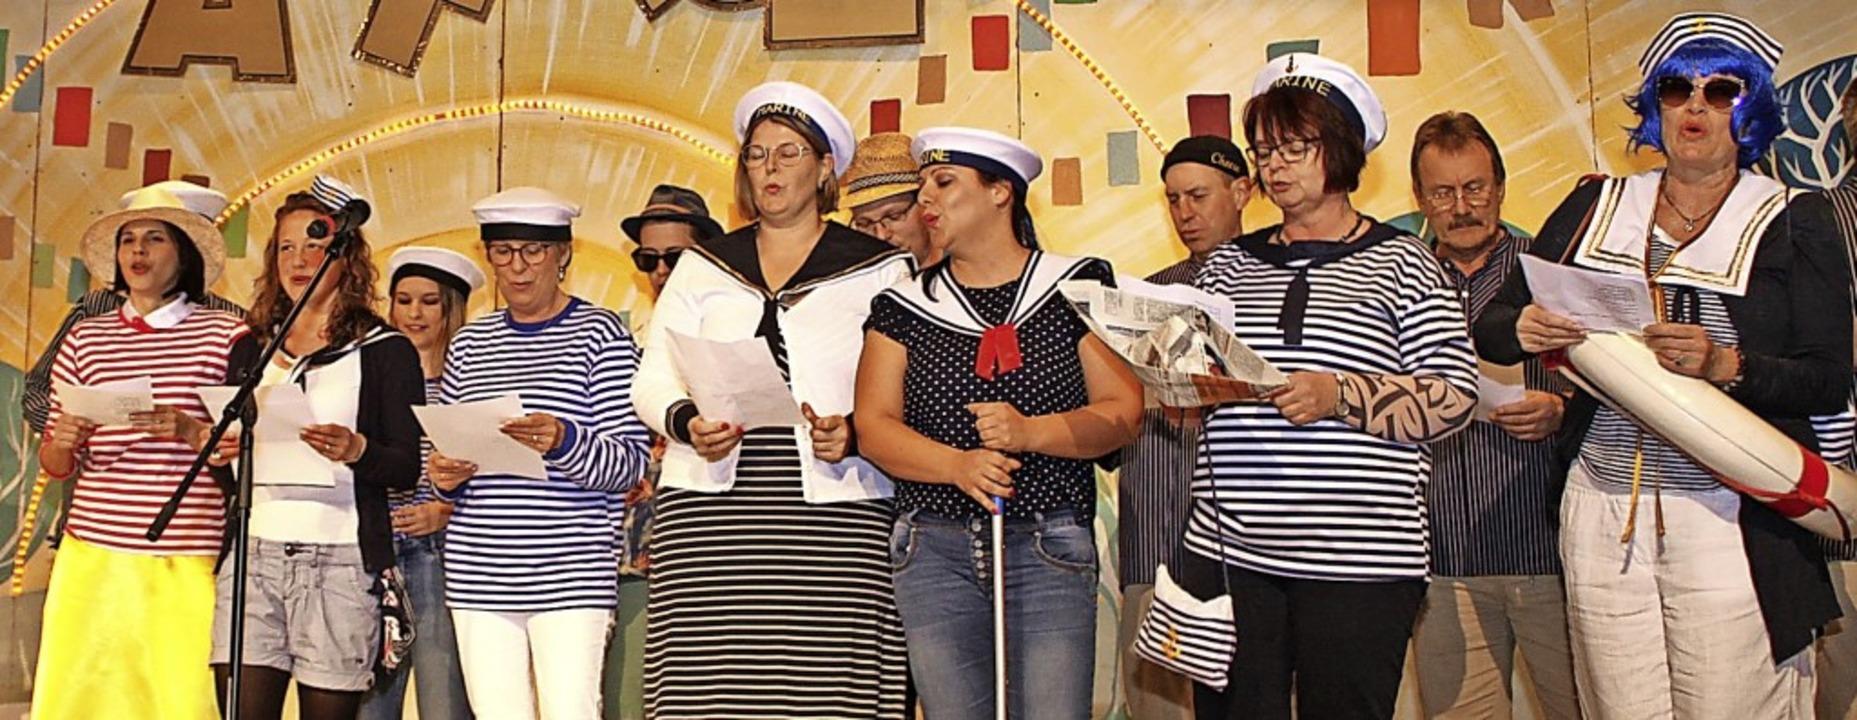 Mitglieder der Gemeindeverwaltung grat...en zum Jubiläum der Zunft musikalisch.    Foto: Adelbert Mutz